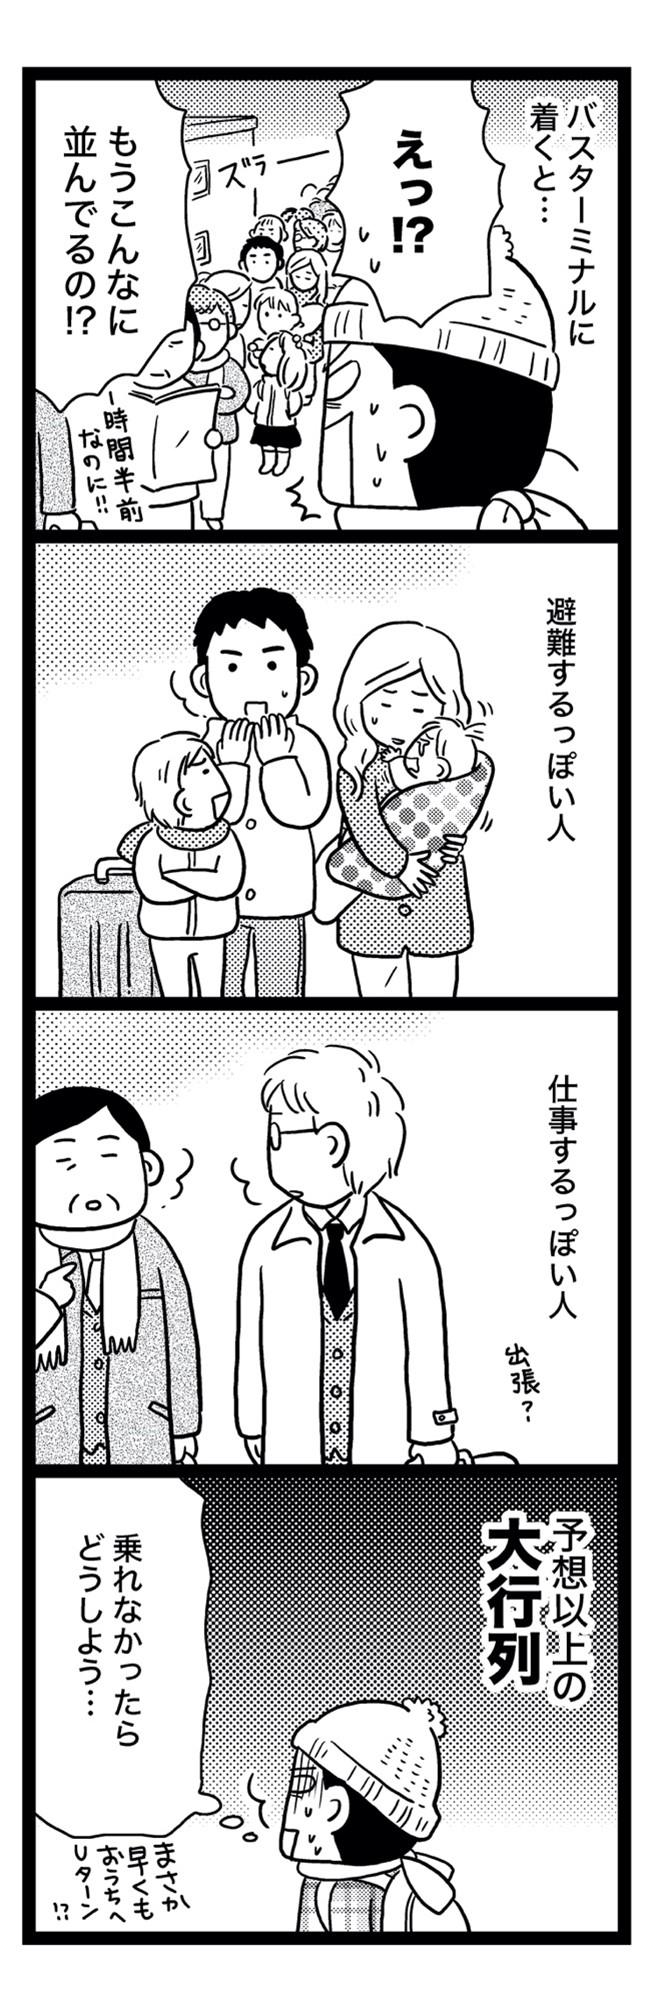 sinsai5-3